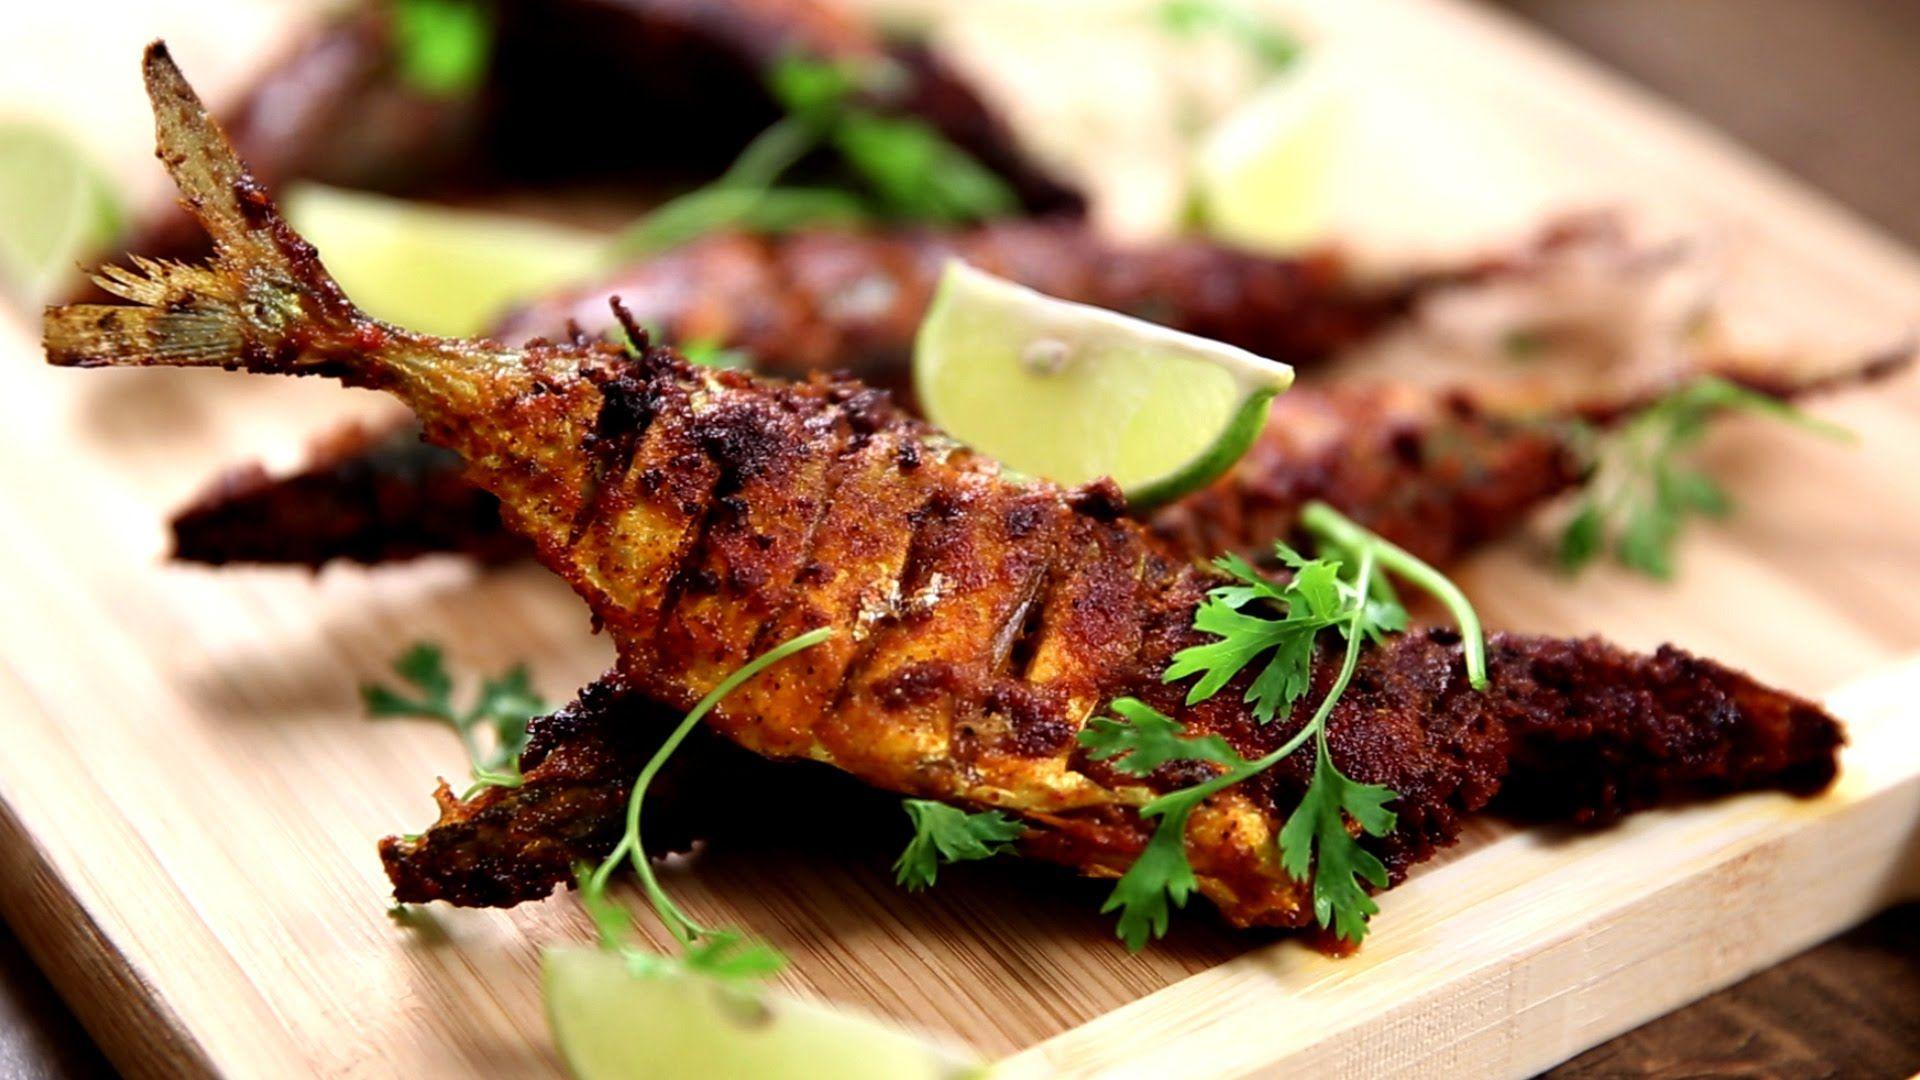 Bangda Fish Fry Mackerel Fish Goan Style Fish Fry Recipe The Bomba Recipes Fried Fish Recipes Fish Recipes Mackerel Fish